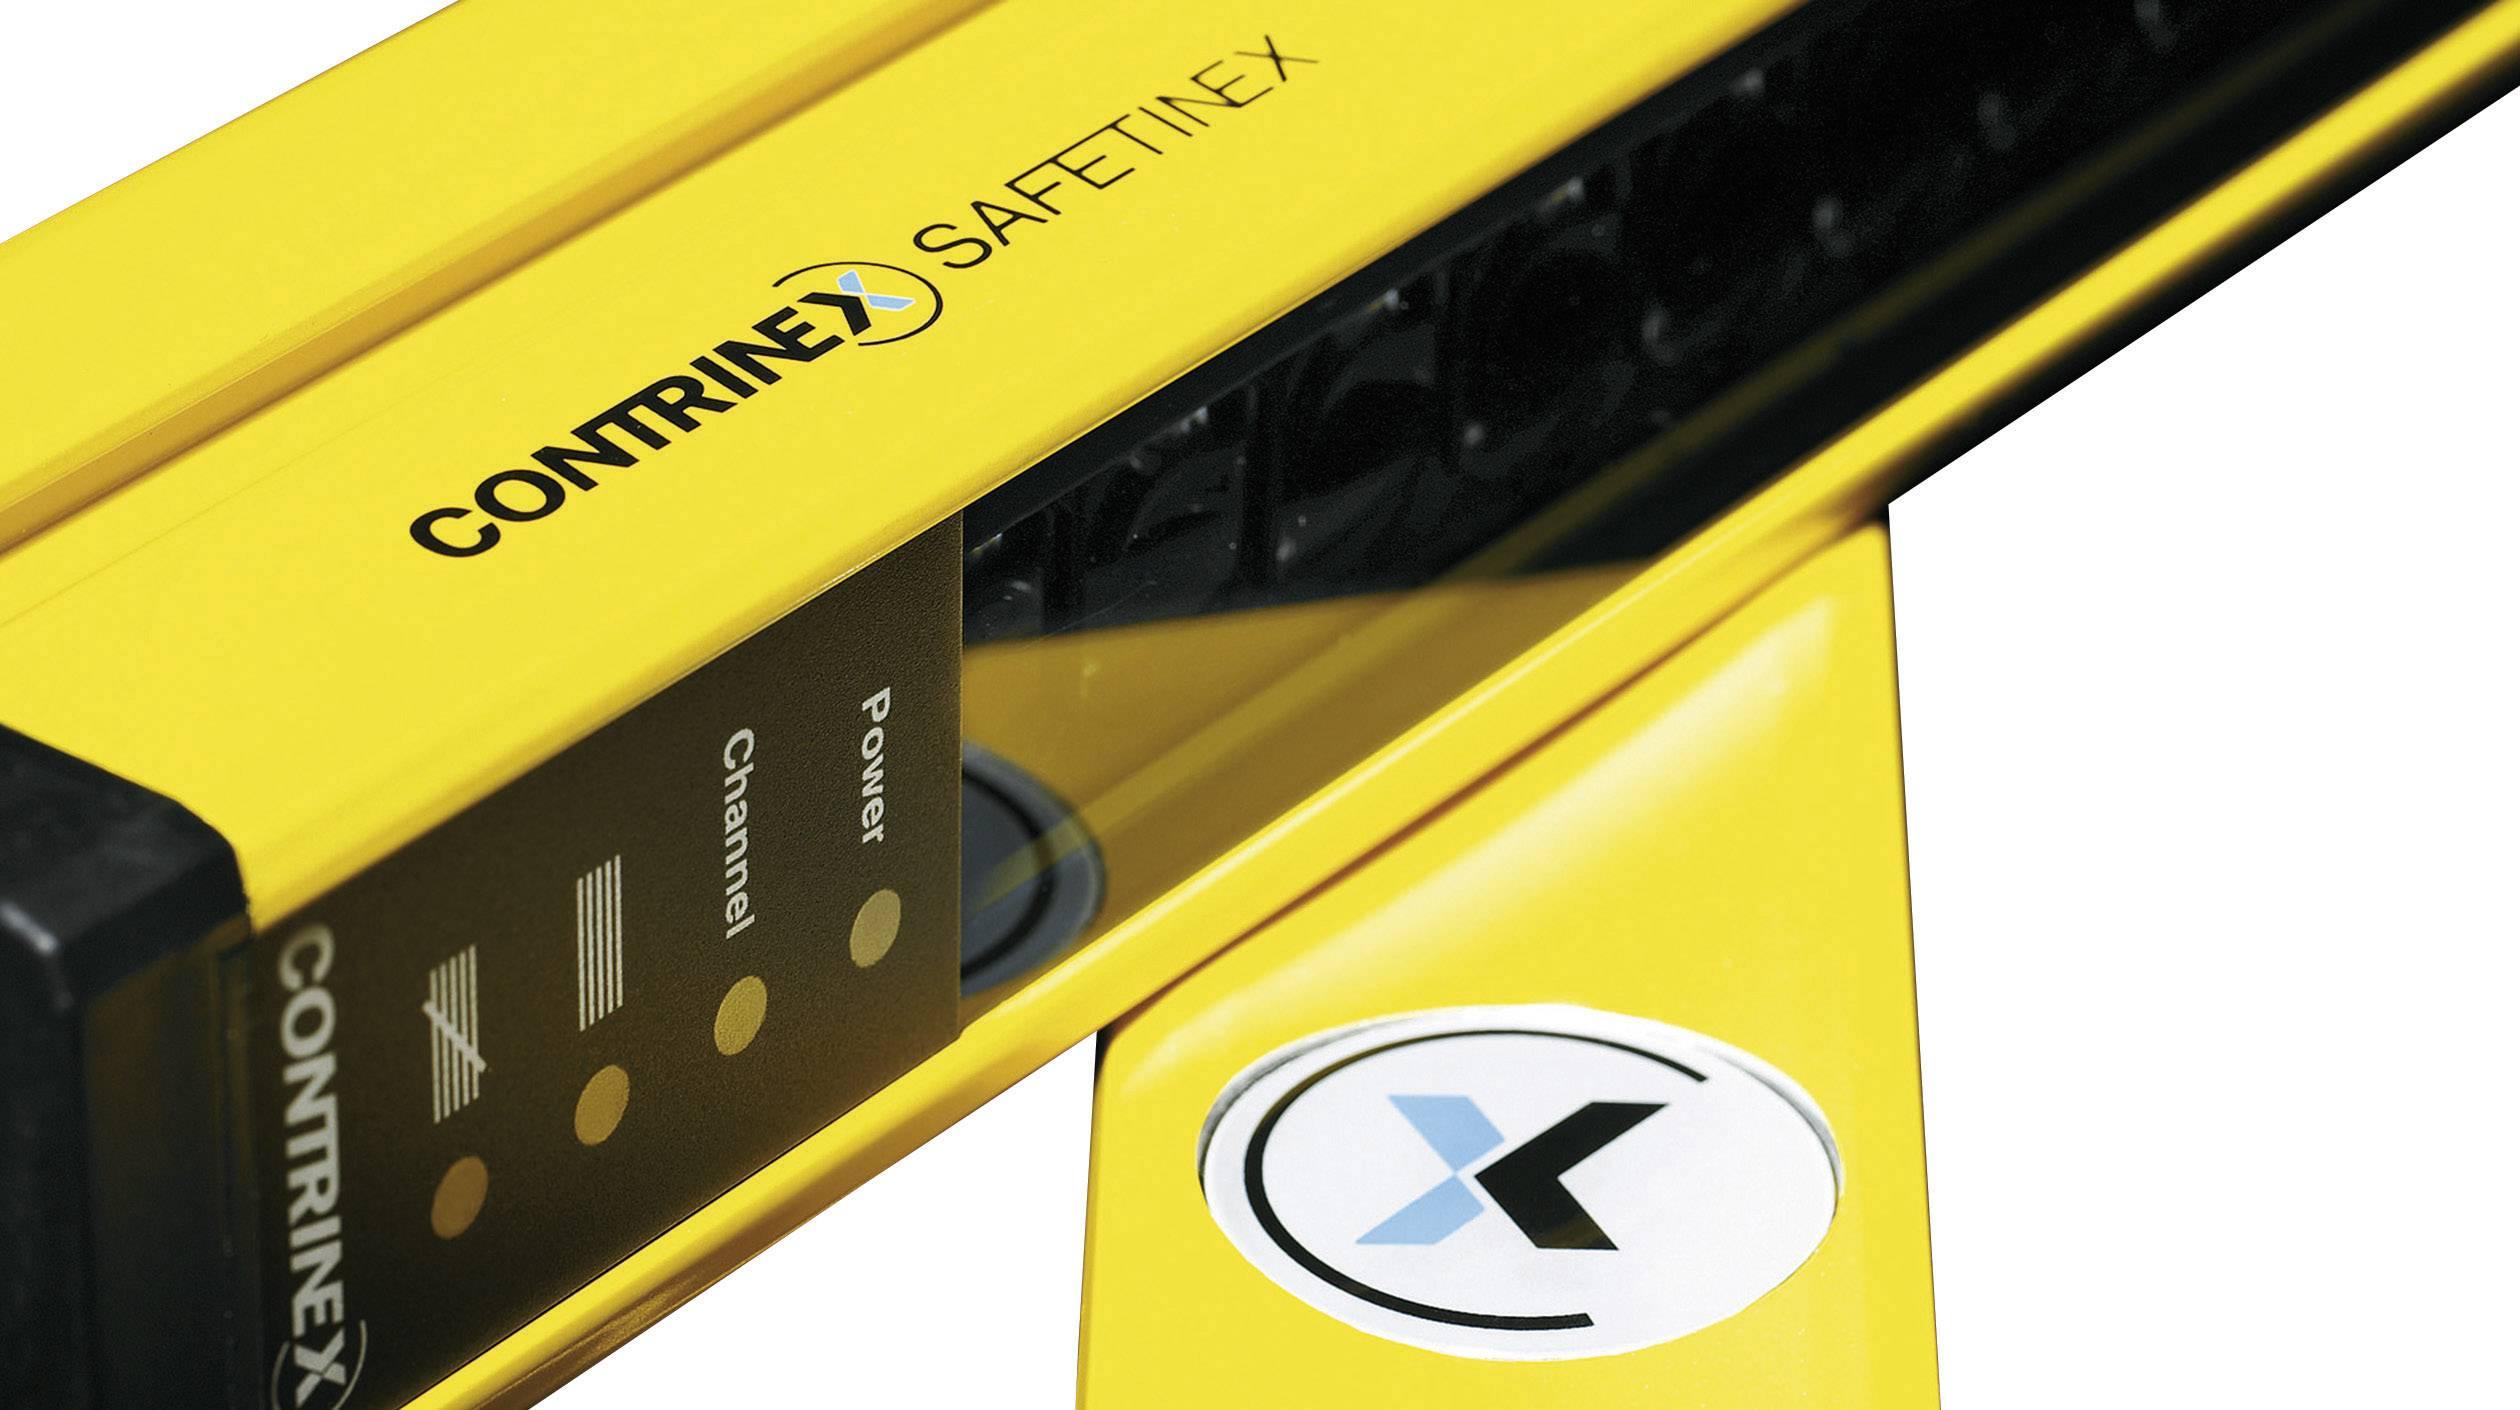 Bezpečnostní světelná závora pro ochranu rukou Contrinex YBB-30S4-0700-G012 630 000 589